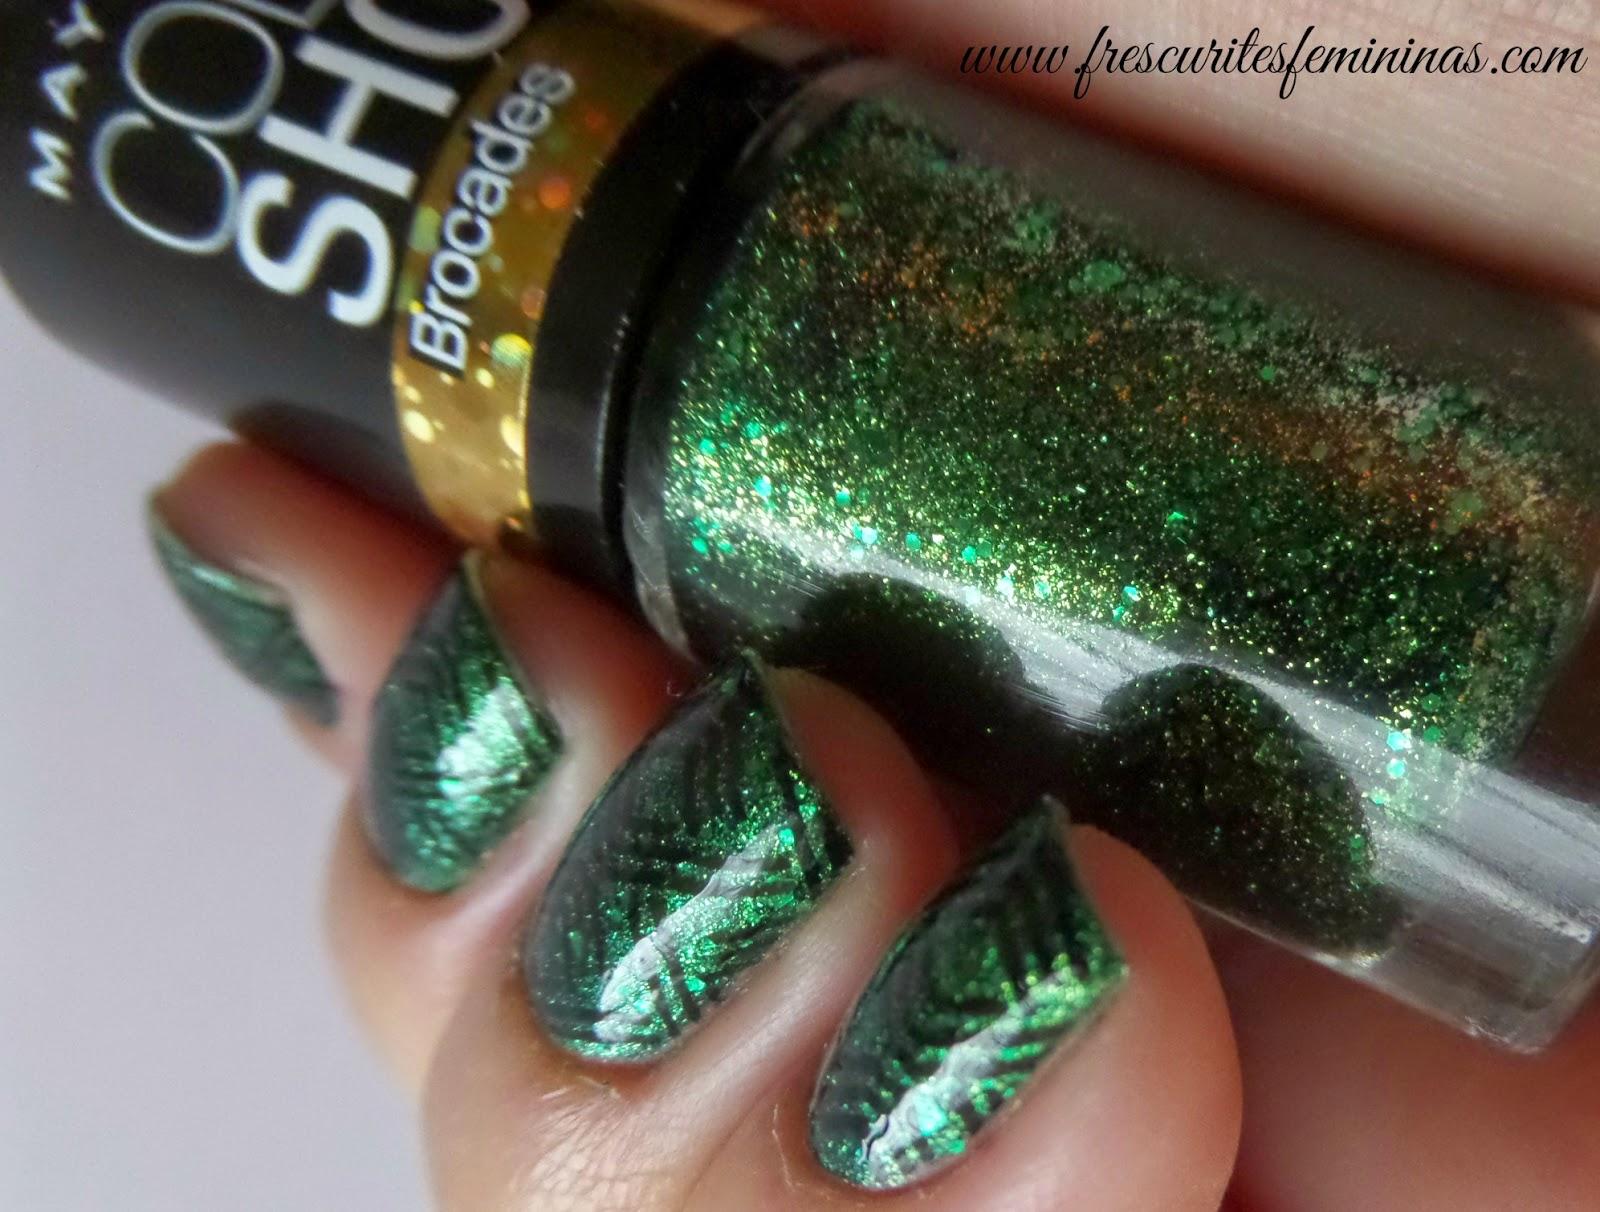 Maybelline, Emerald Elegance, Frescurites Femininas, Brocades, Mundo de Uñas